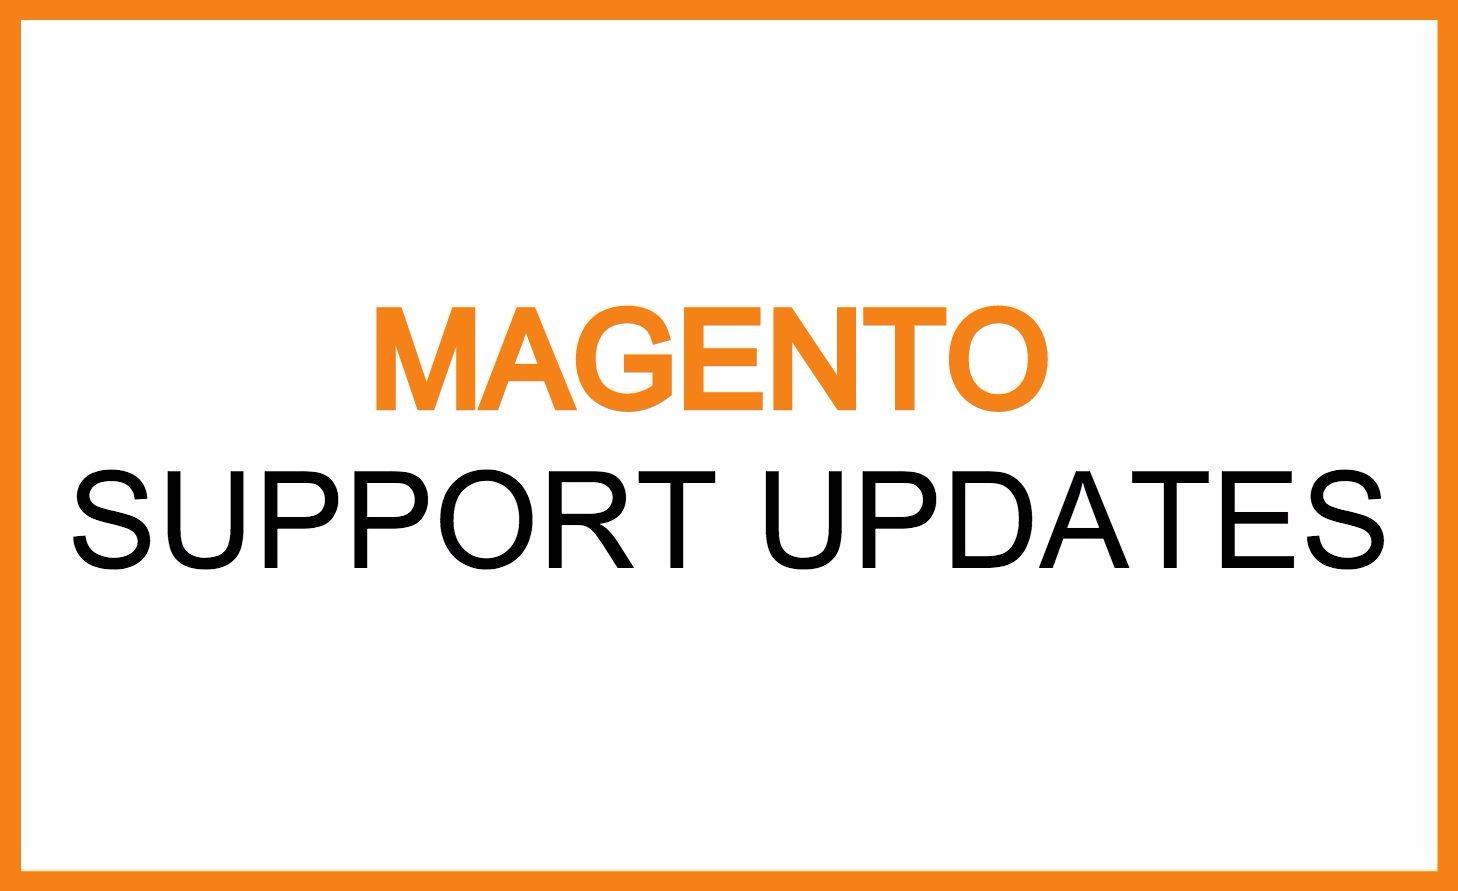 magento support updates.jpg